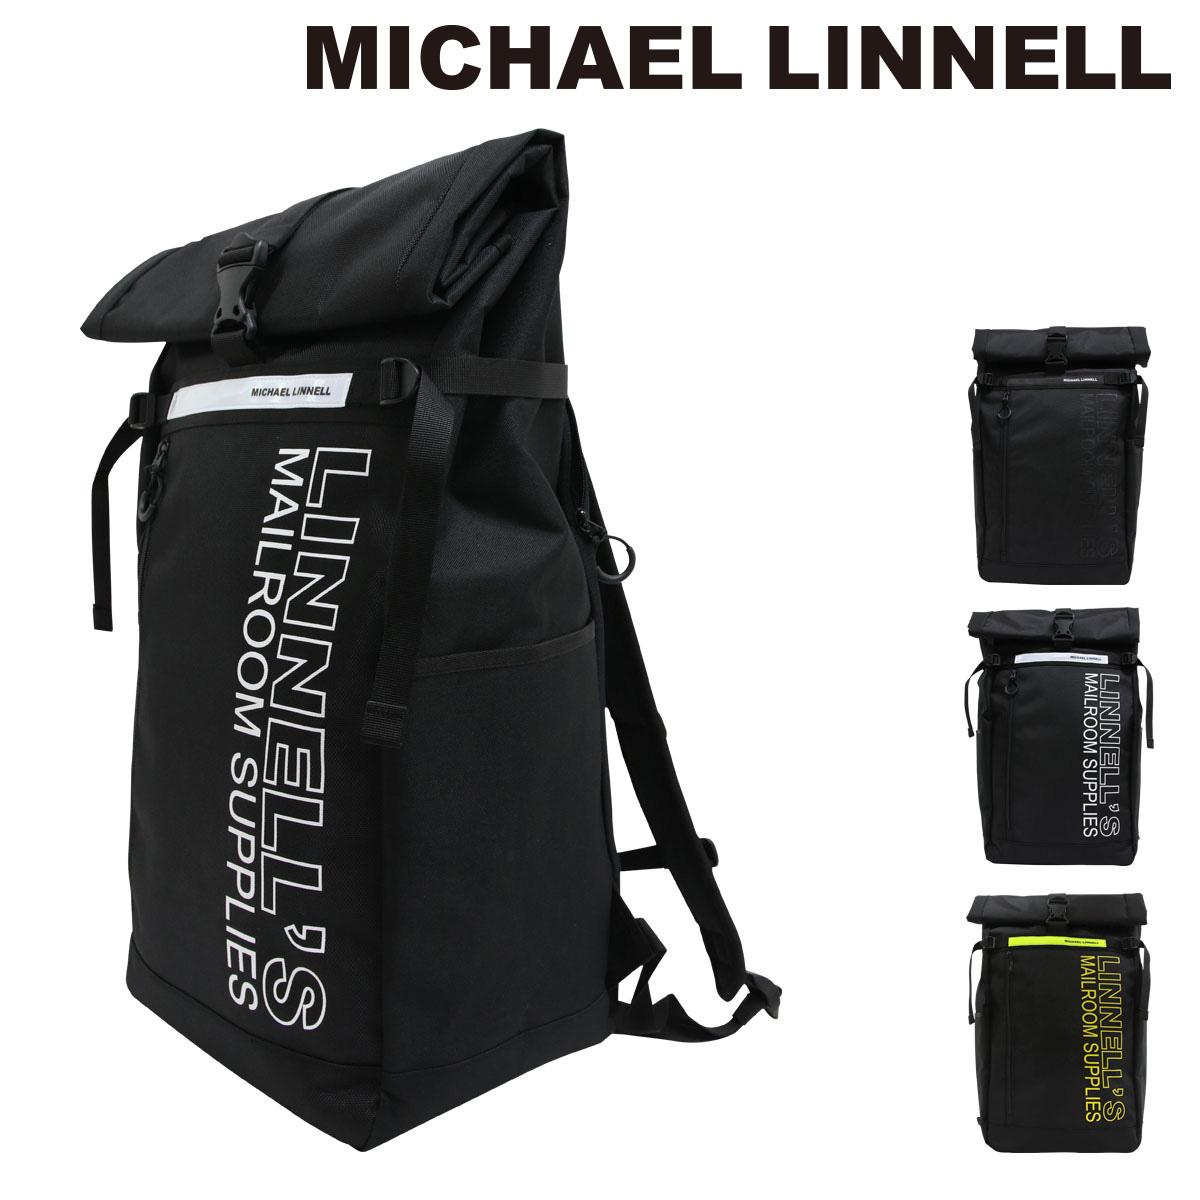 マイケルリンネル リュック 45L メンズML-027 MICHAEL LINNELL | リュックサック バックパック